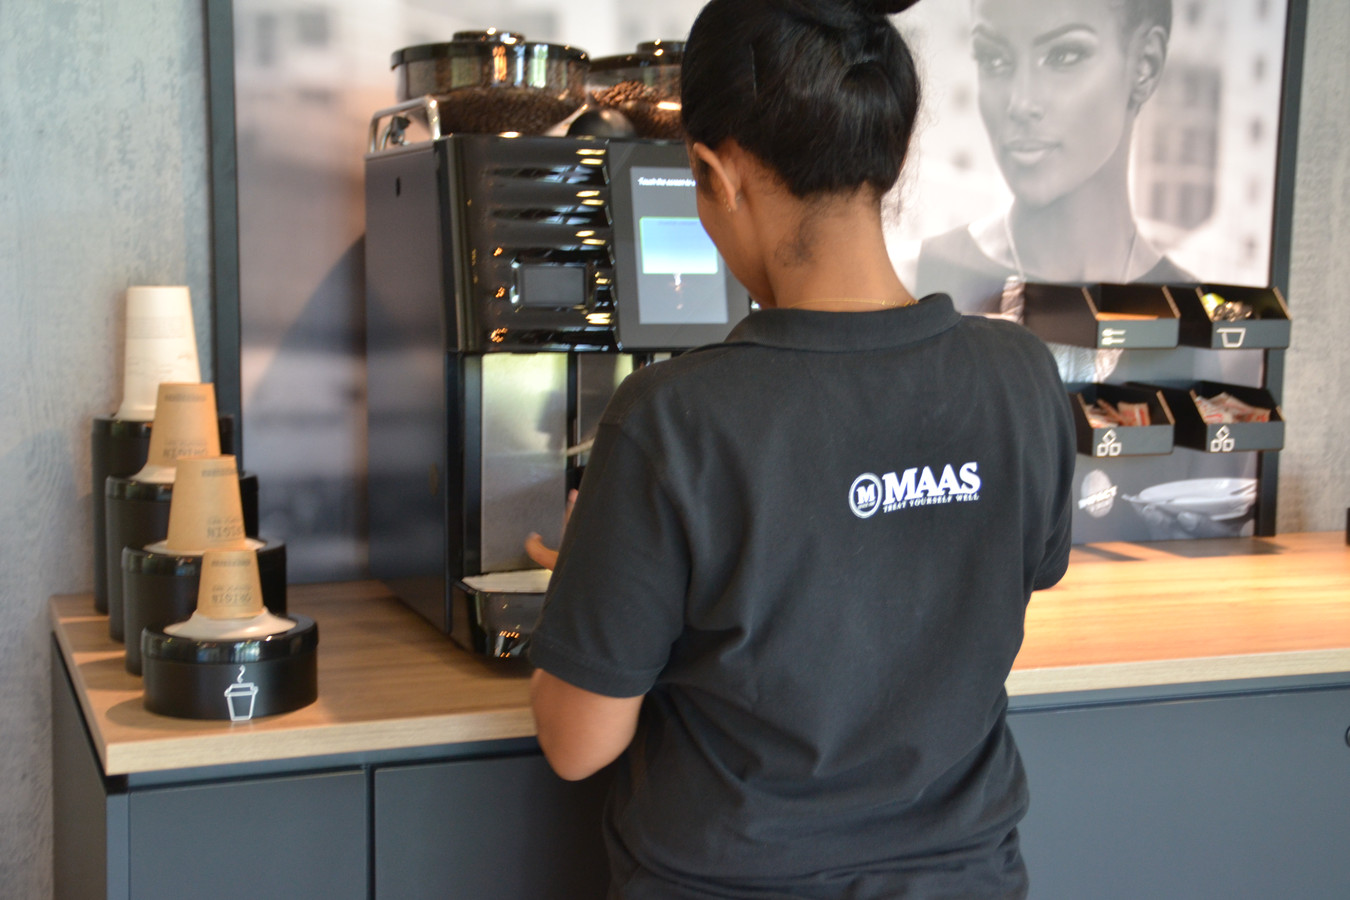 De Sonse leverancier van koffieautomaten Maas,  met zo'n 550 medewerkers, komt in Belgische handen. Miko in Turnhout neemt het bedrijf over.